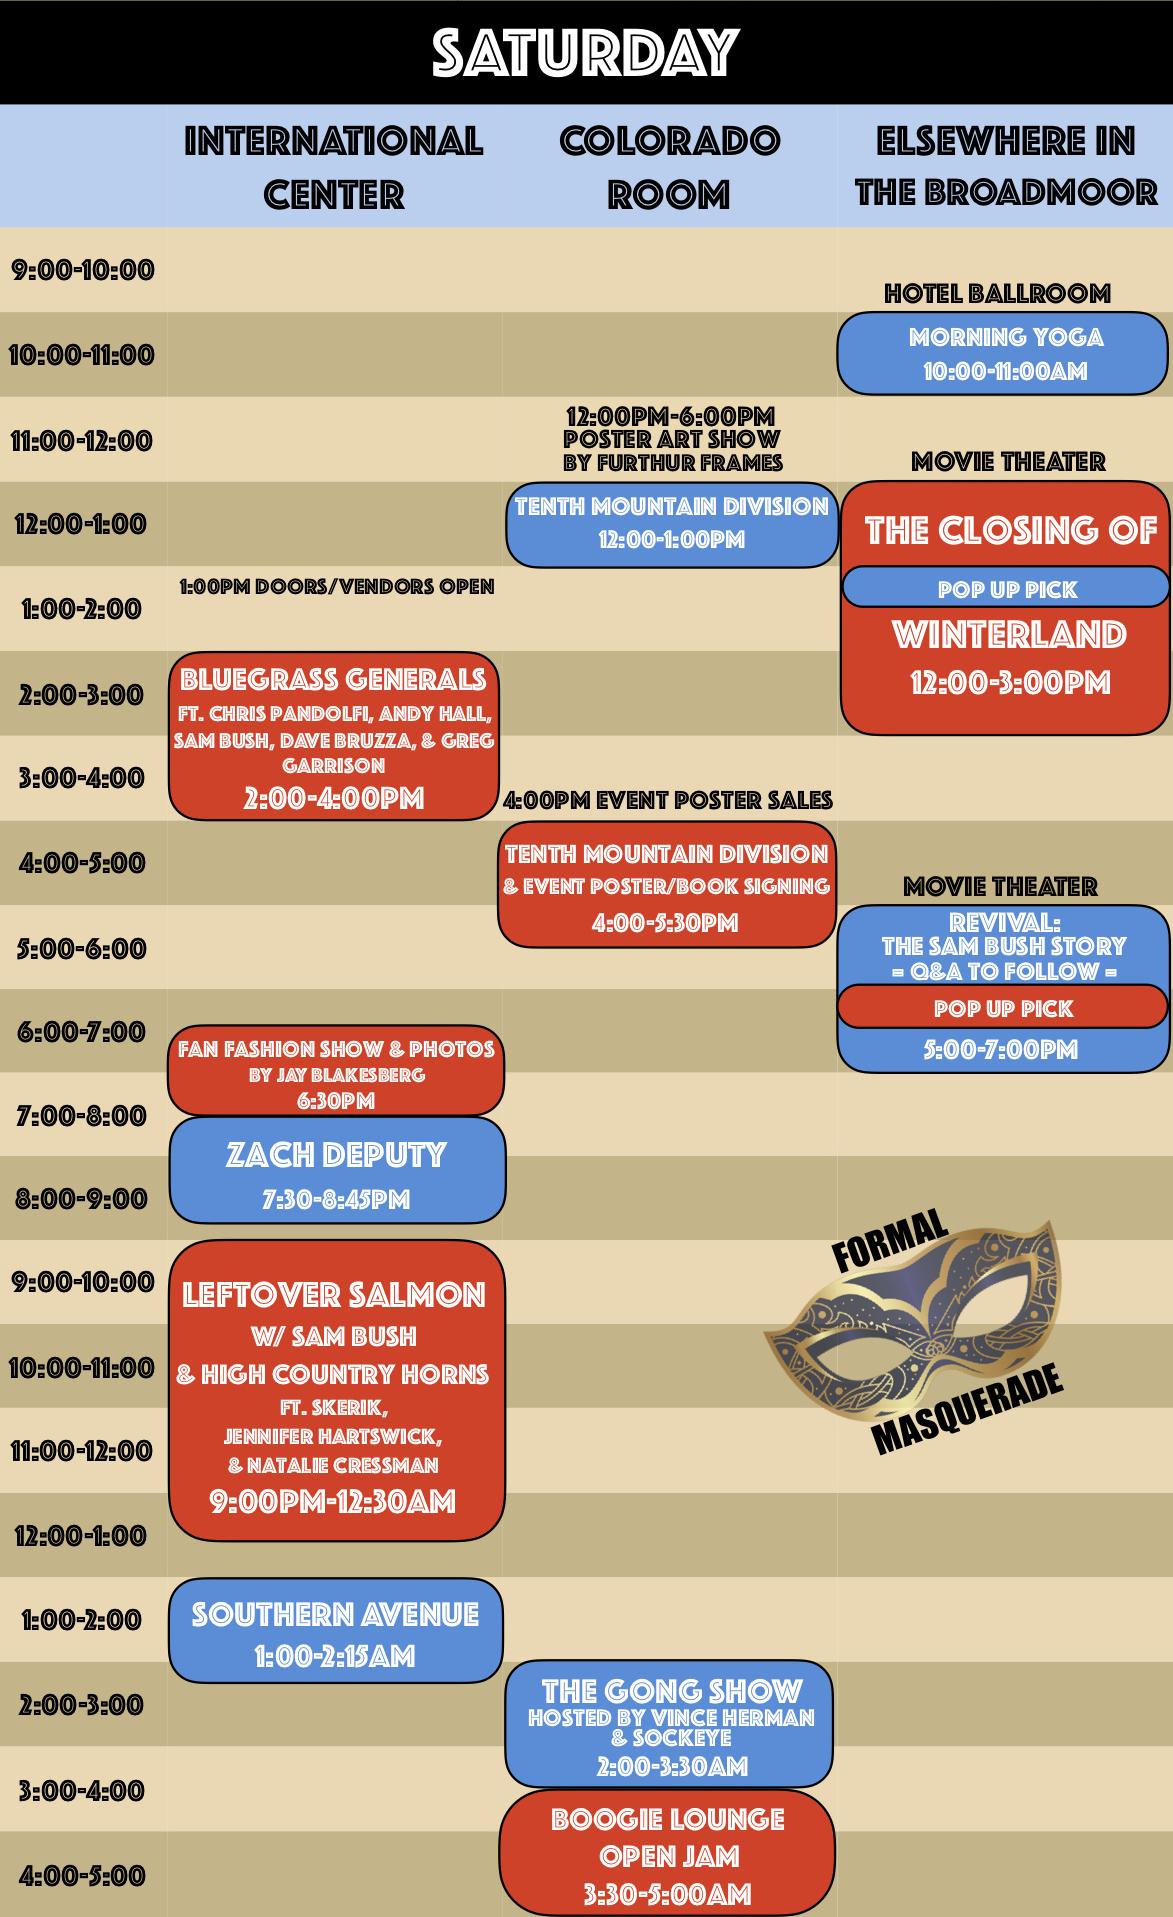 Broadmoor Schedule (SAT) no header.jpg